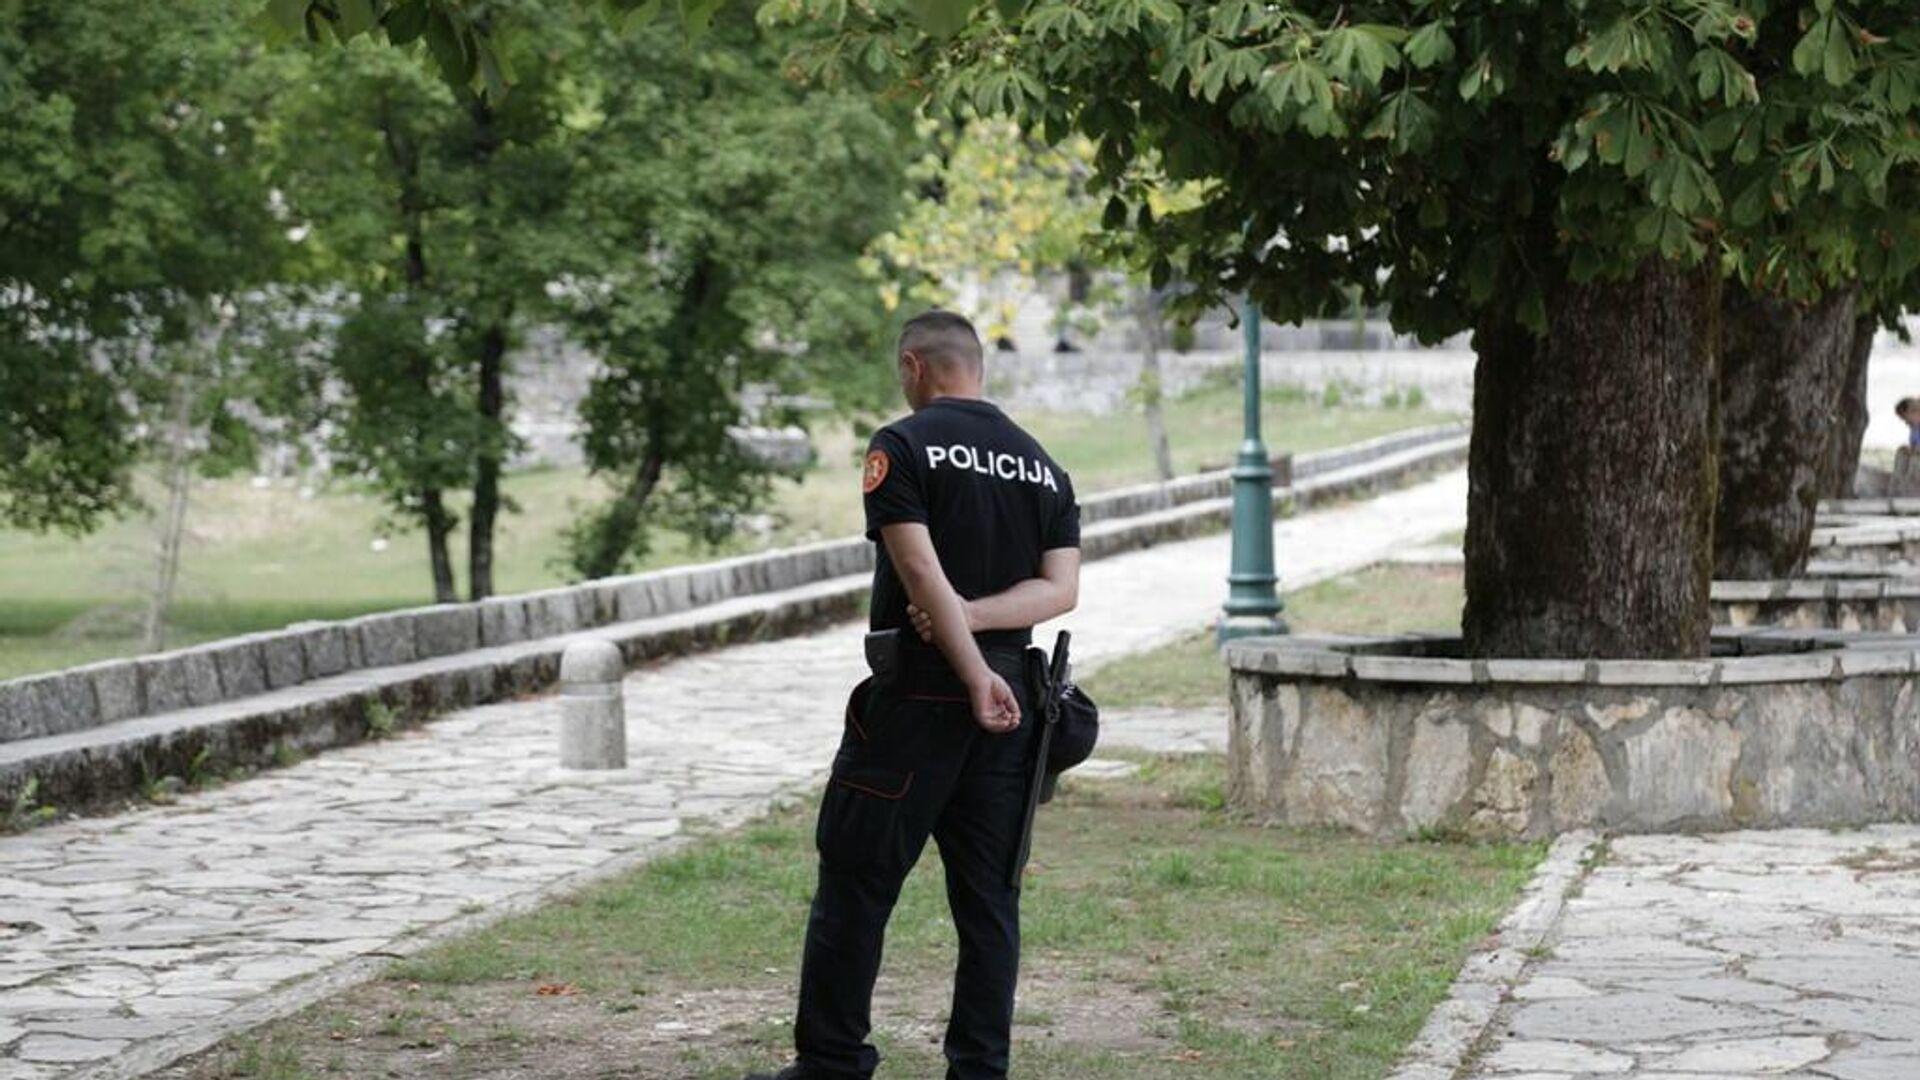 Полиција дежура у комплексу Цетињског манастира - Sputnik Србија, 1920, 08.09.2021